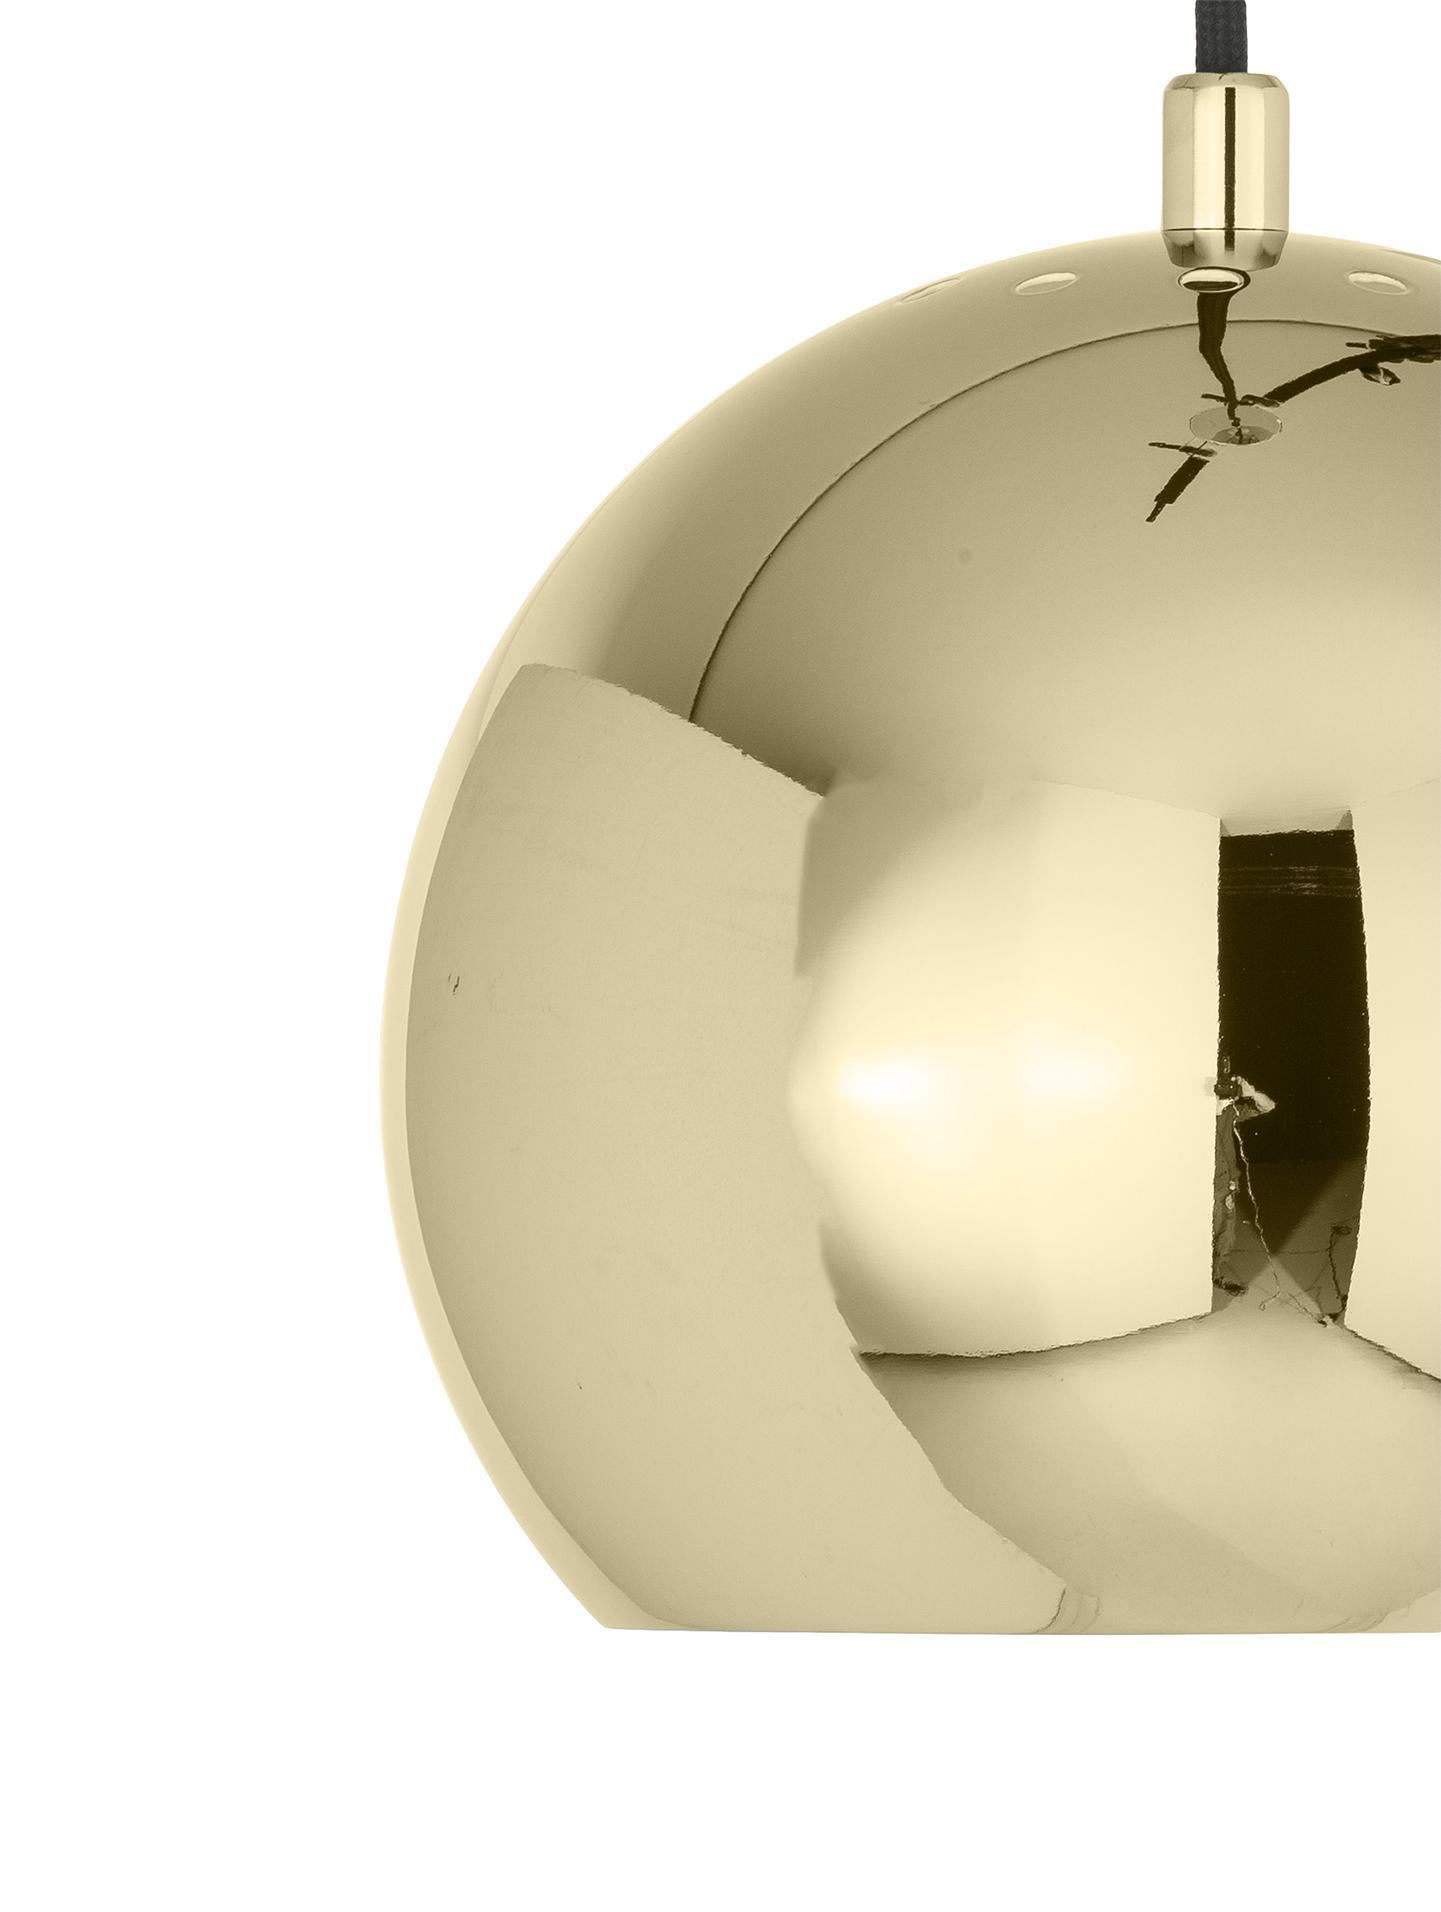 Lampada a sospensione a sfera Ball, Metallo rivestito, Ottone, Ø 18 x Alt. 16 cm